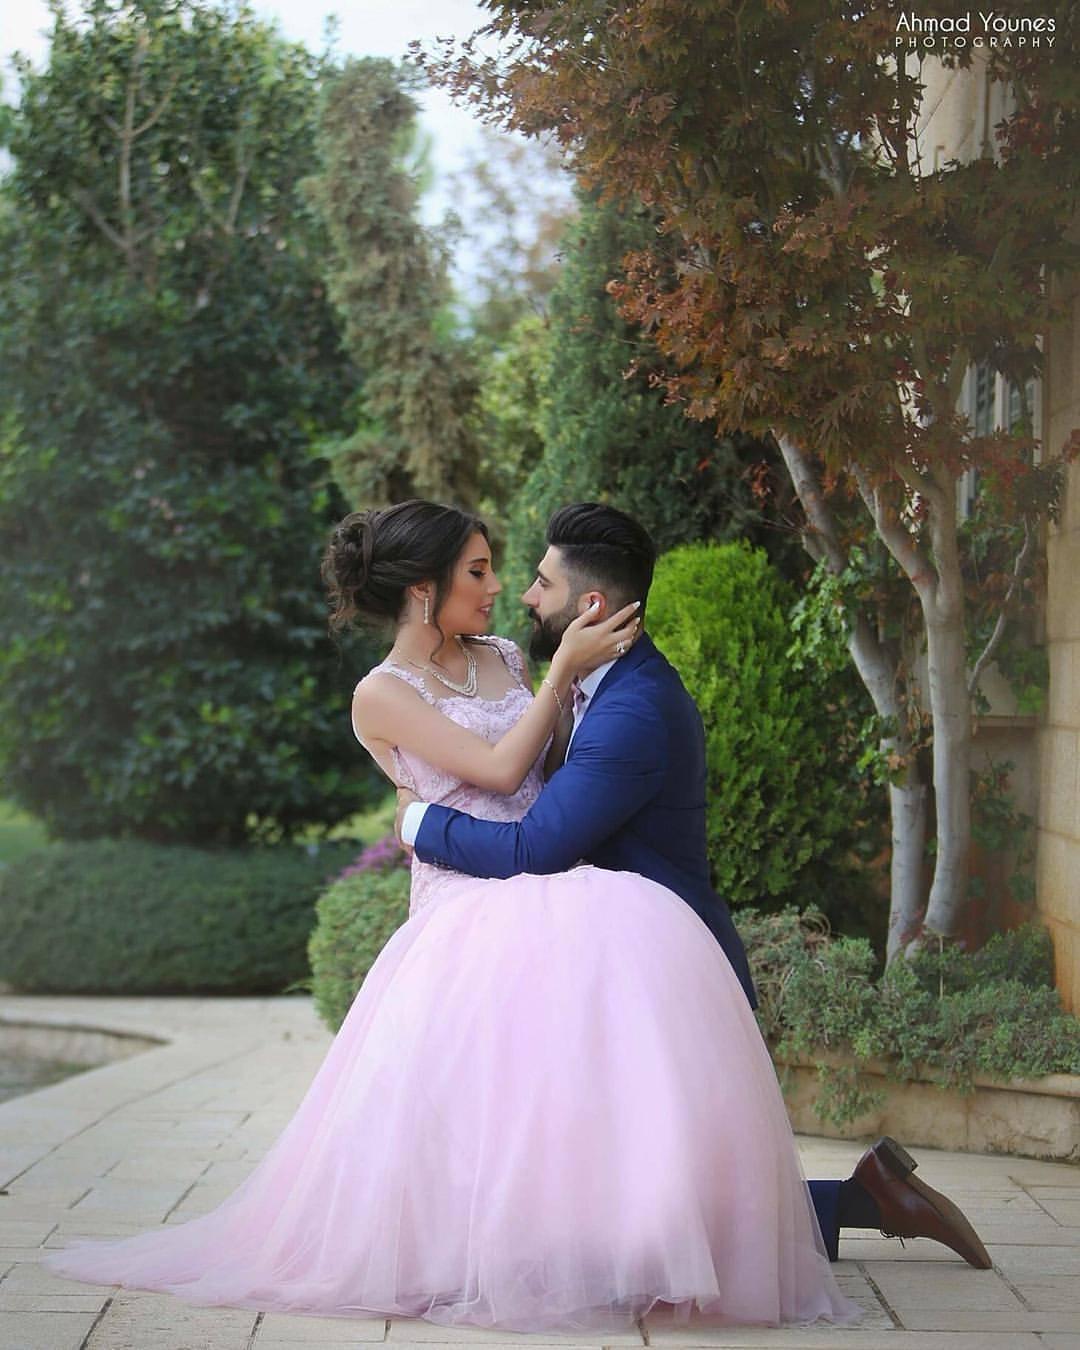 بالصور اجمل لقطات الصور للعرسان , اجمل اللقطات تاخذ للذكريات للعرسان 3239 3